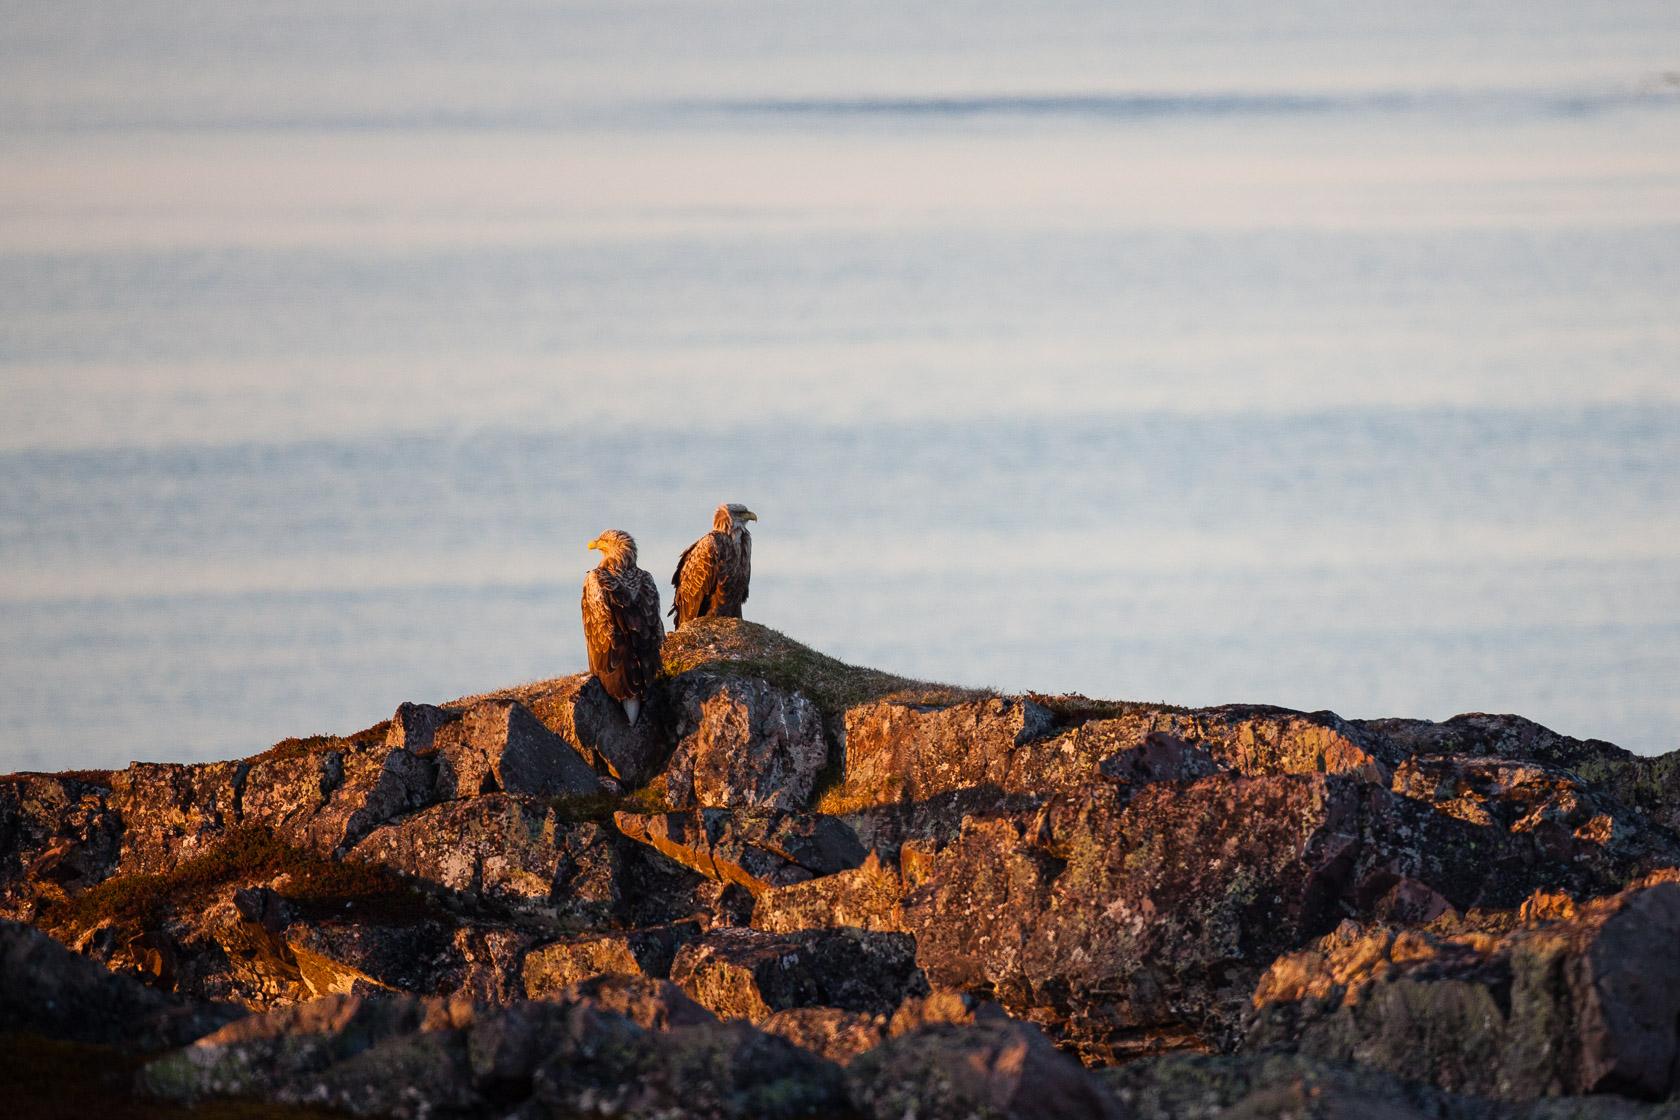 Pygargues à queue blanche (Haliaeetus albicilla) sur le littoral du Varanger en Norvège